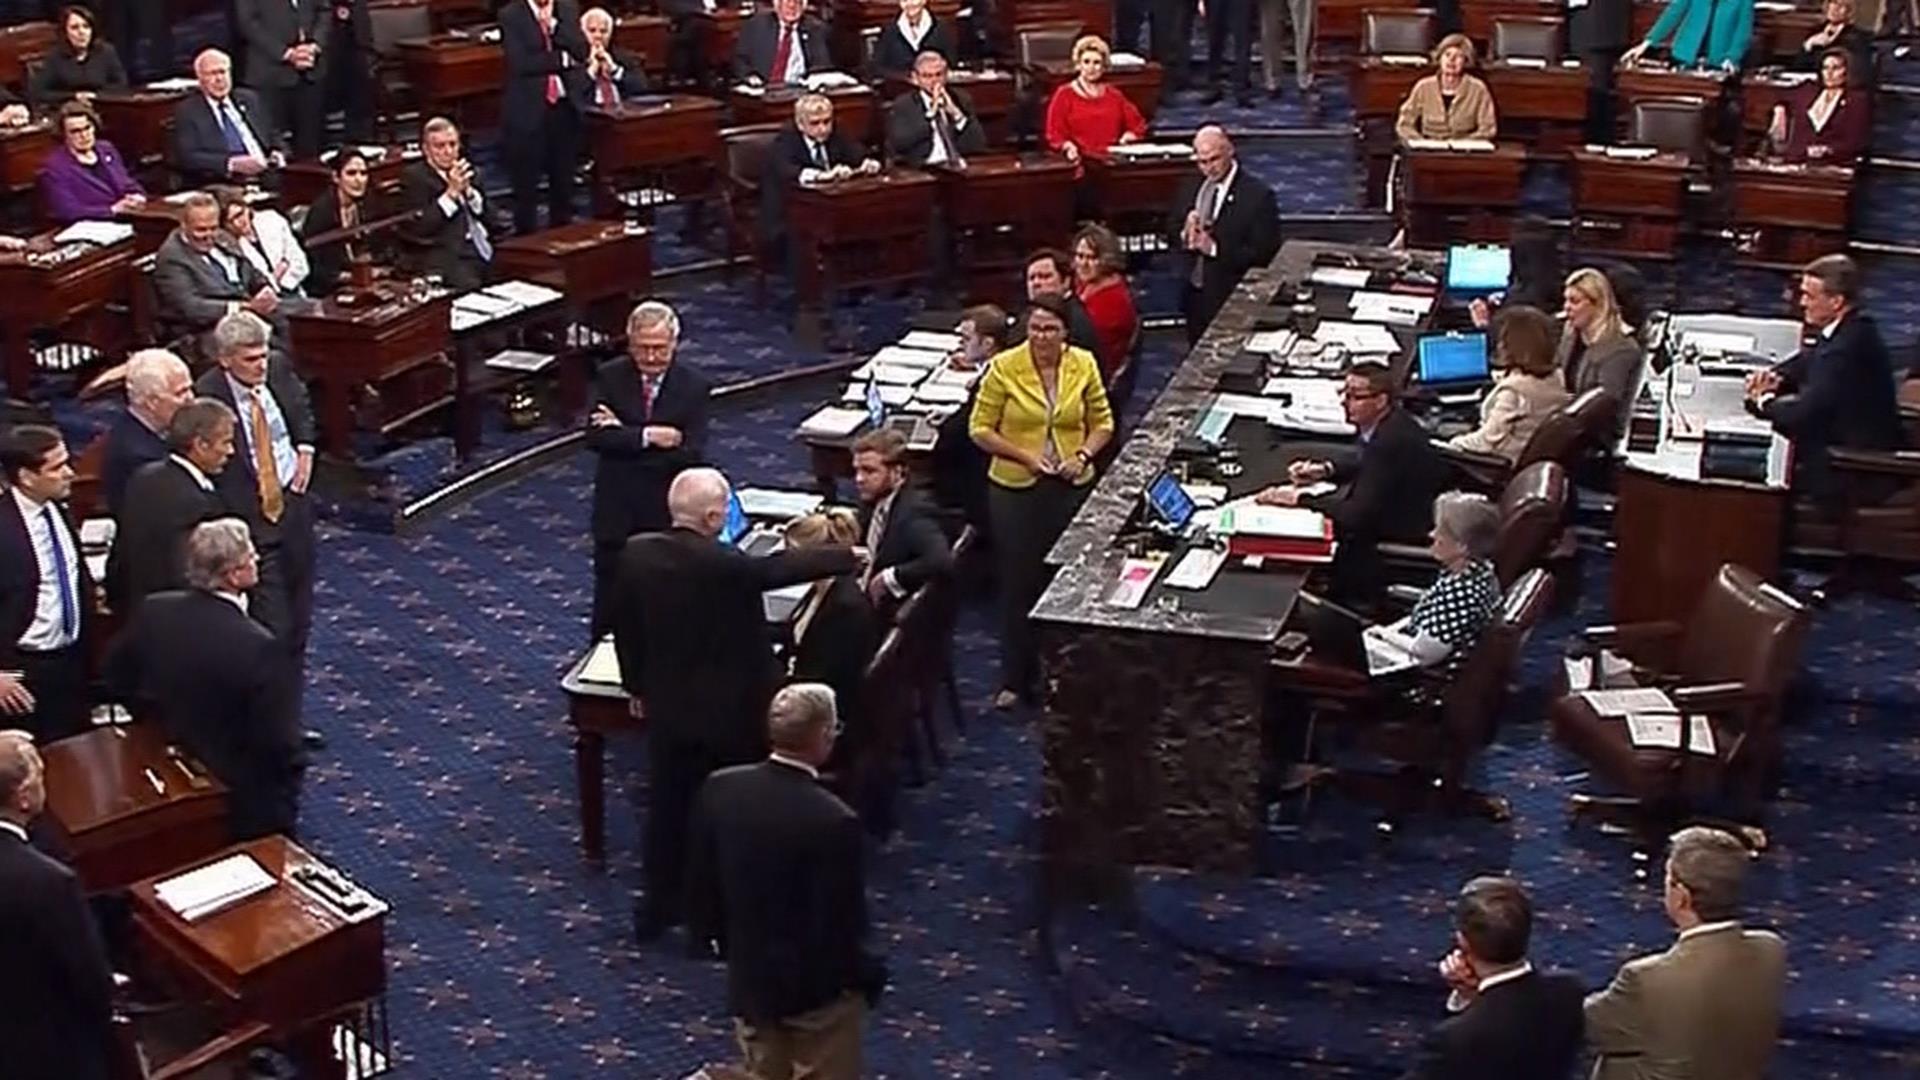 https://i2.wp.com/media4.s-nbcnews.com/i/MSNBC/Components/Video/201707/f_la_mccain_vote_170728.jpg